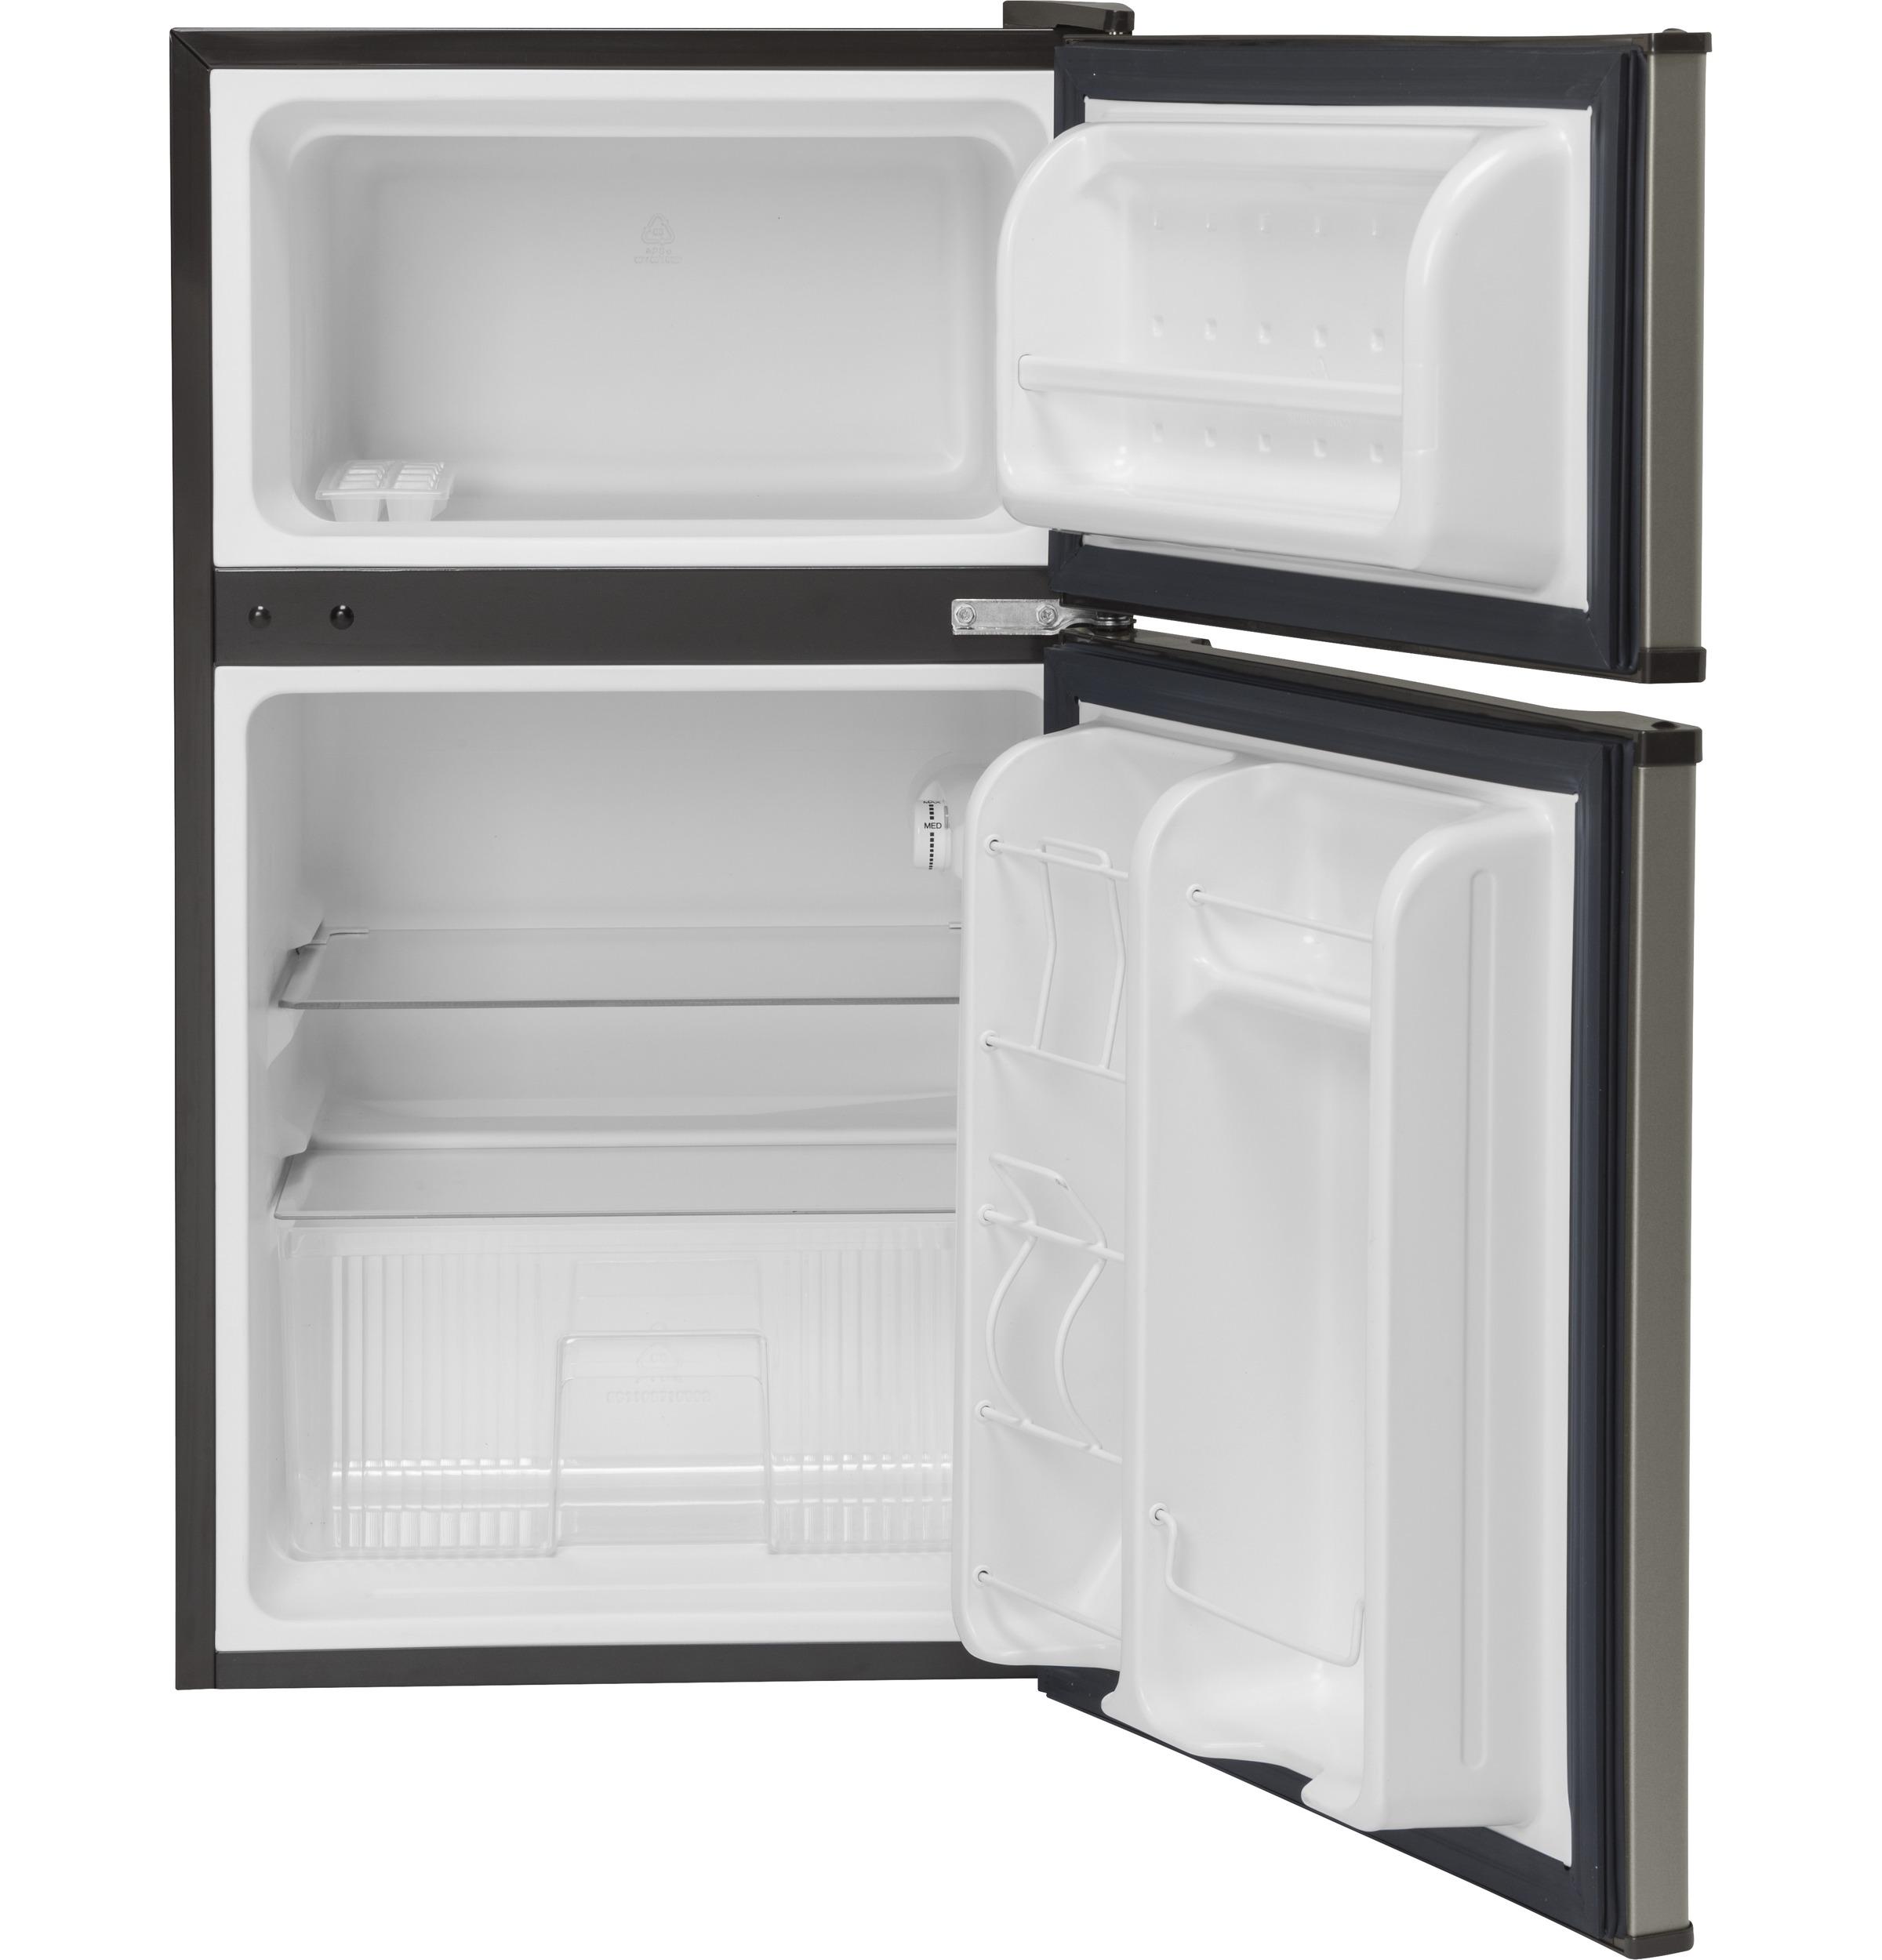 GE Slate Double-door Compact Refrigerator - GDE03GMKED   eBay